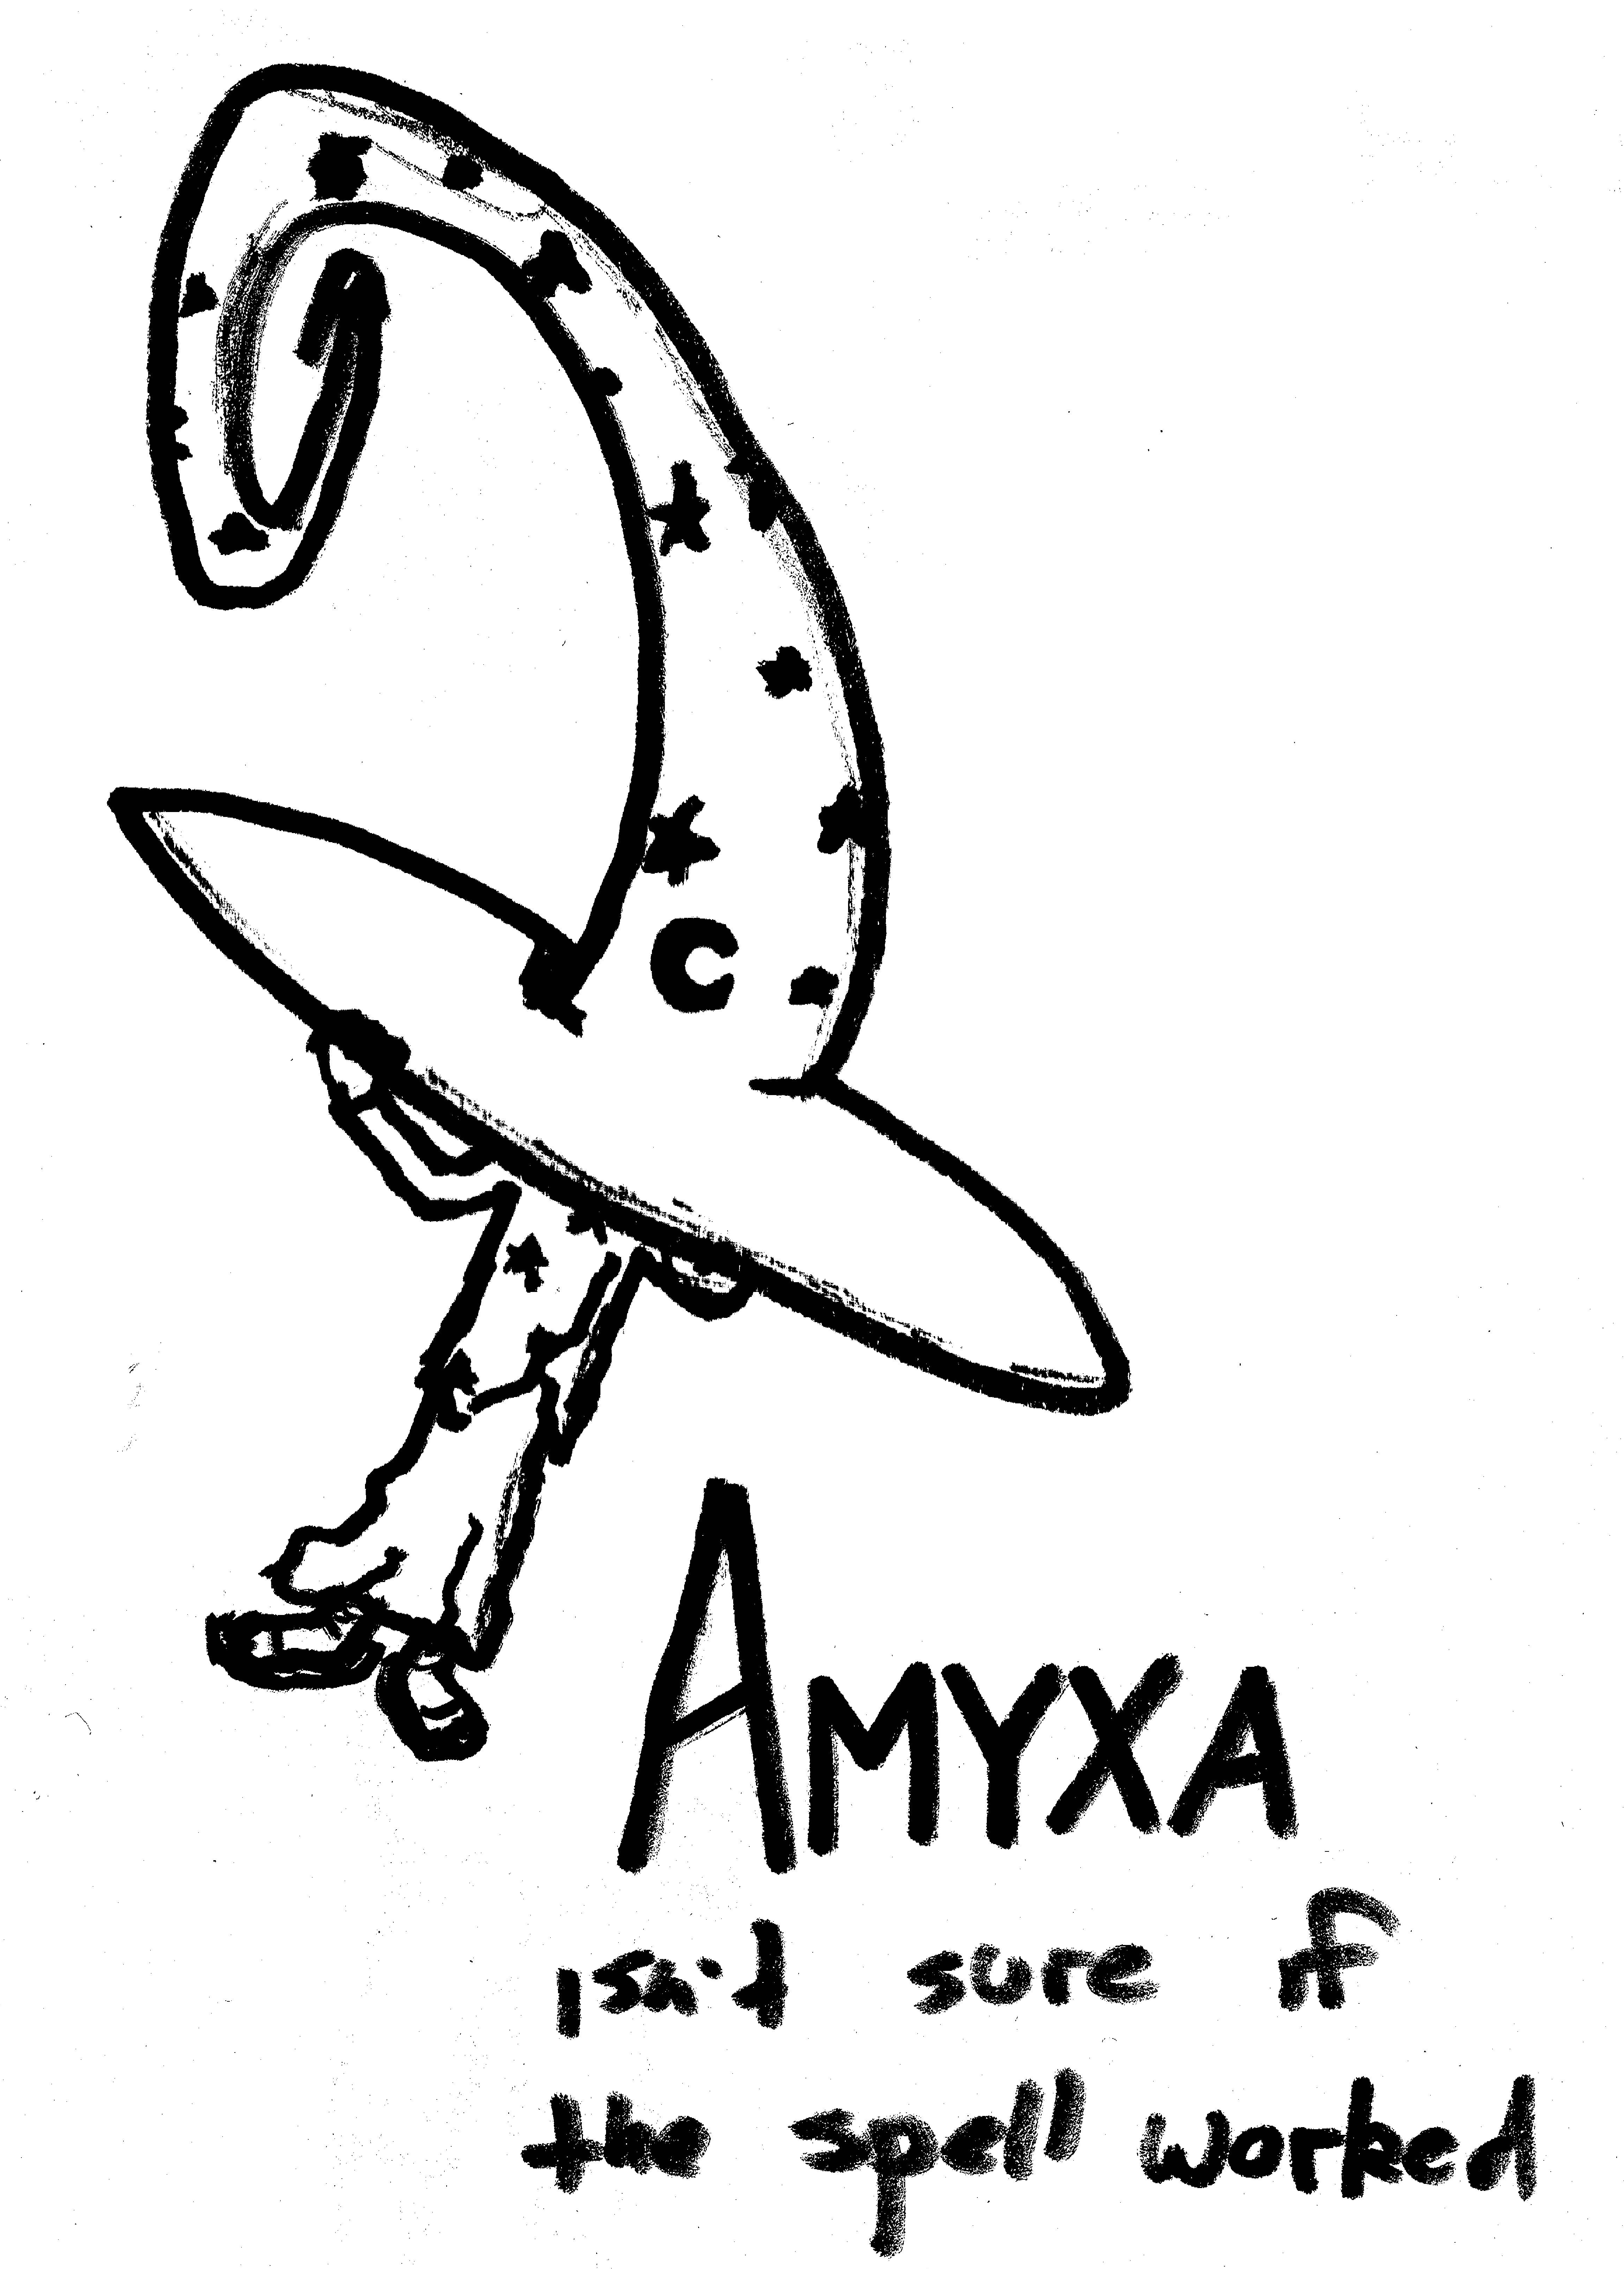 Amyxa